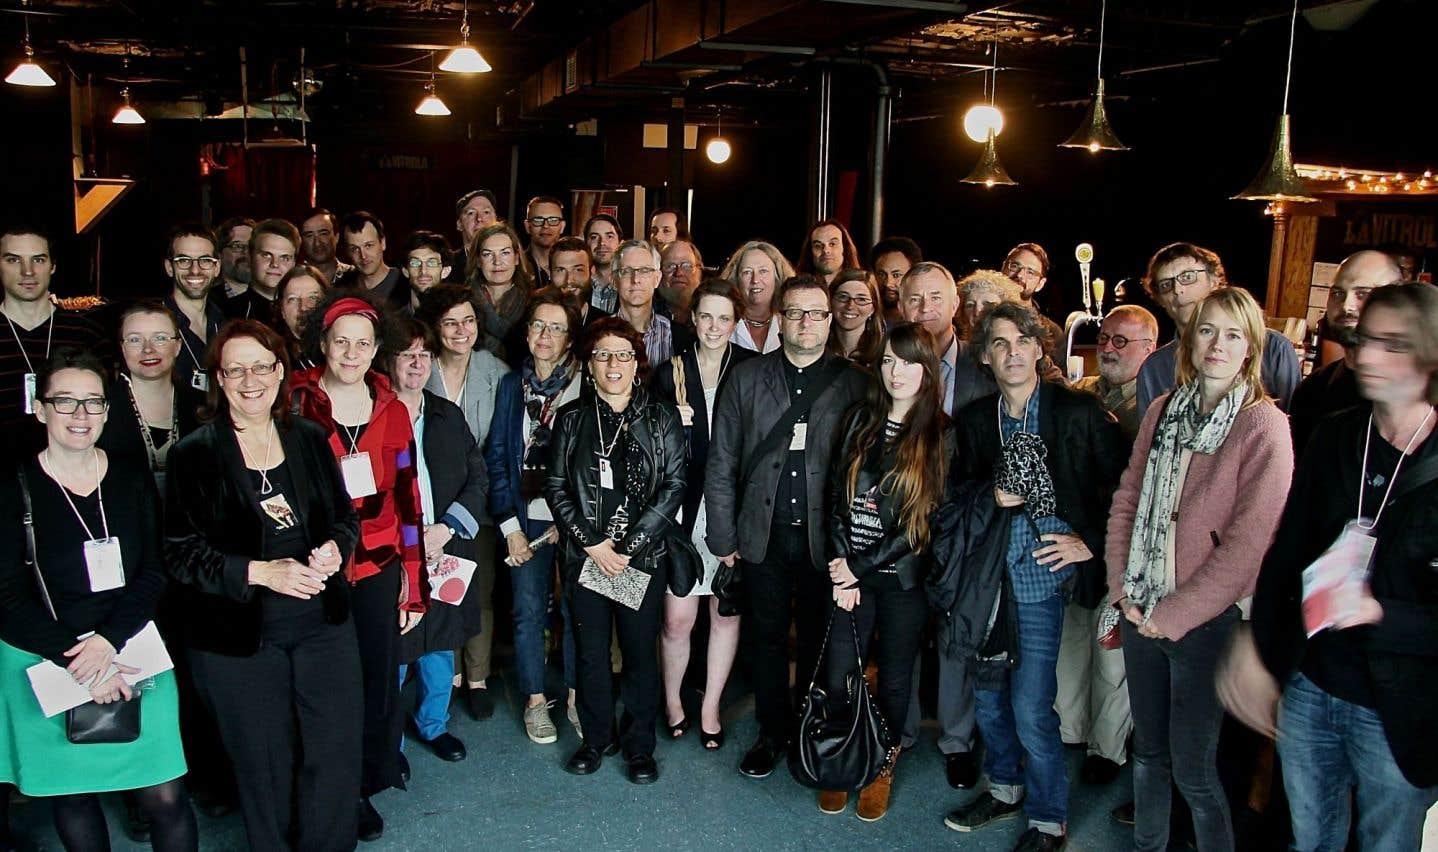 CartelMTl 2014, qui a réuni à Montréal 33 diffuseurs de 13 pays de l'Europe et de l'Amérique, fut la première conférence internationale en musiques nouvelles.